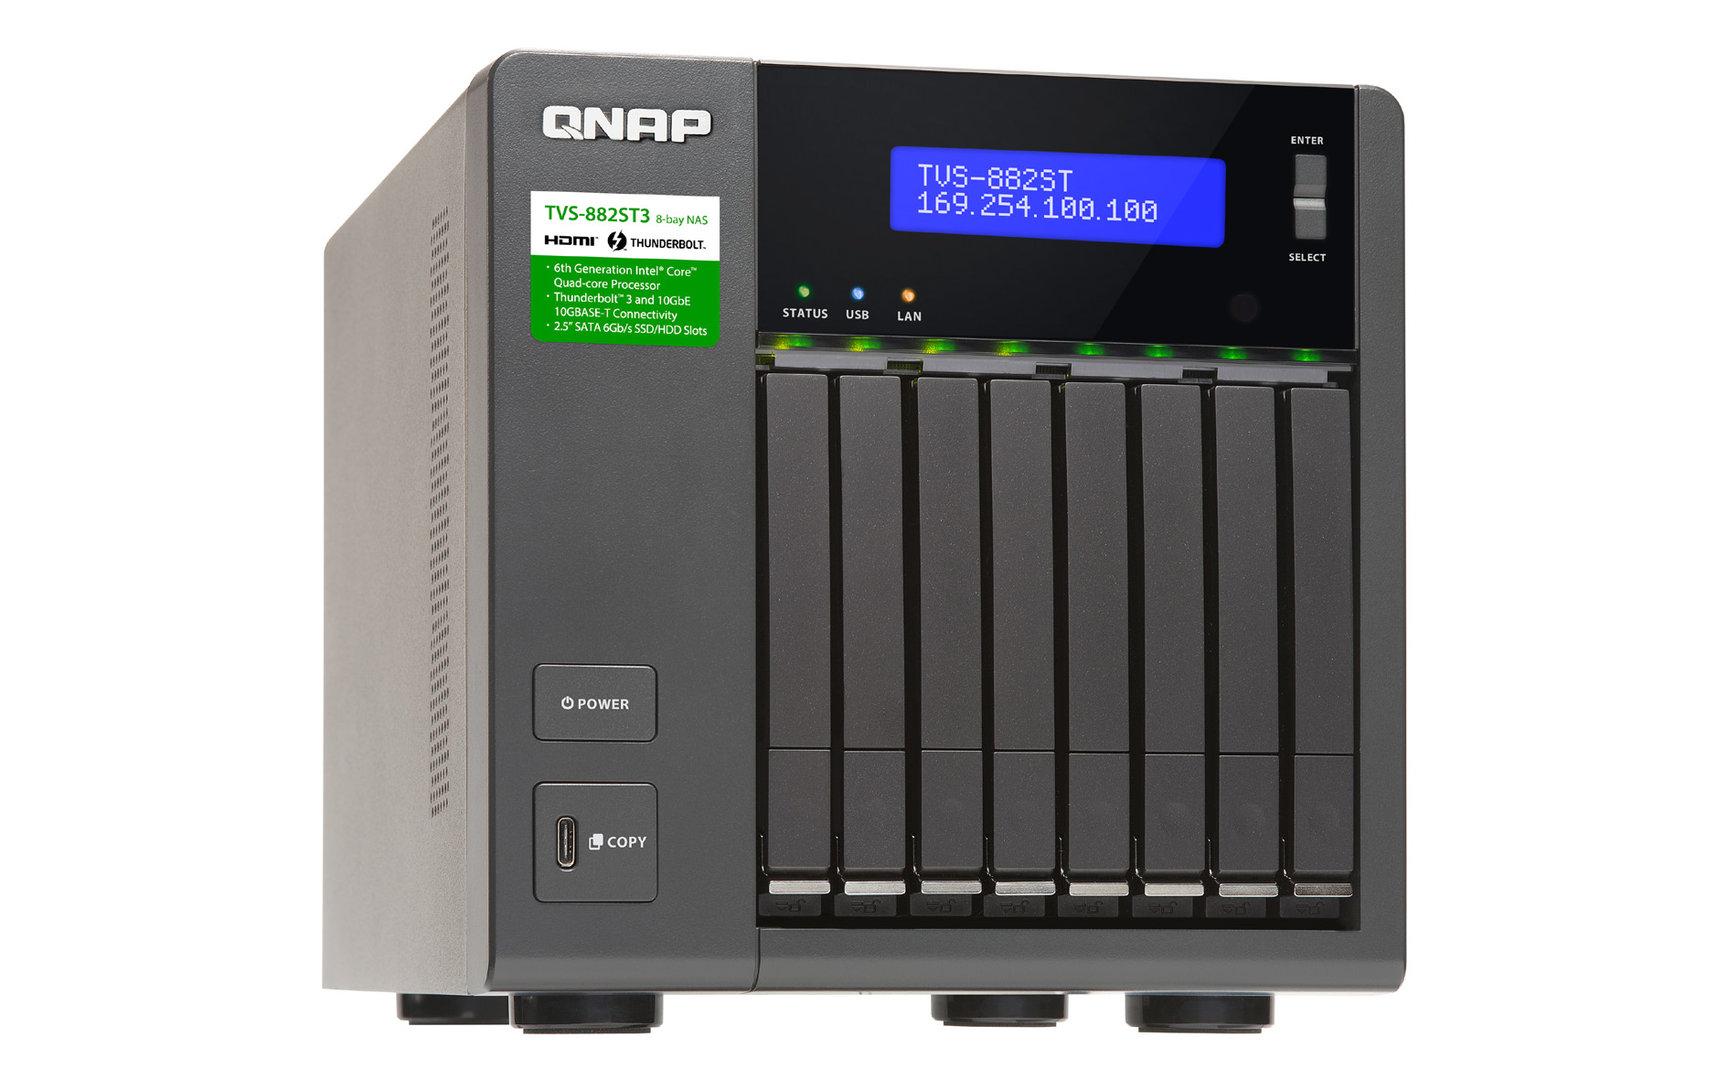 QNAP TVS-882ST3